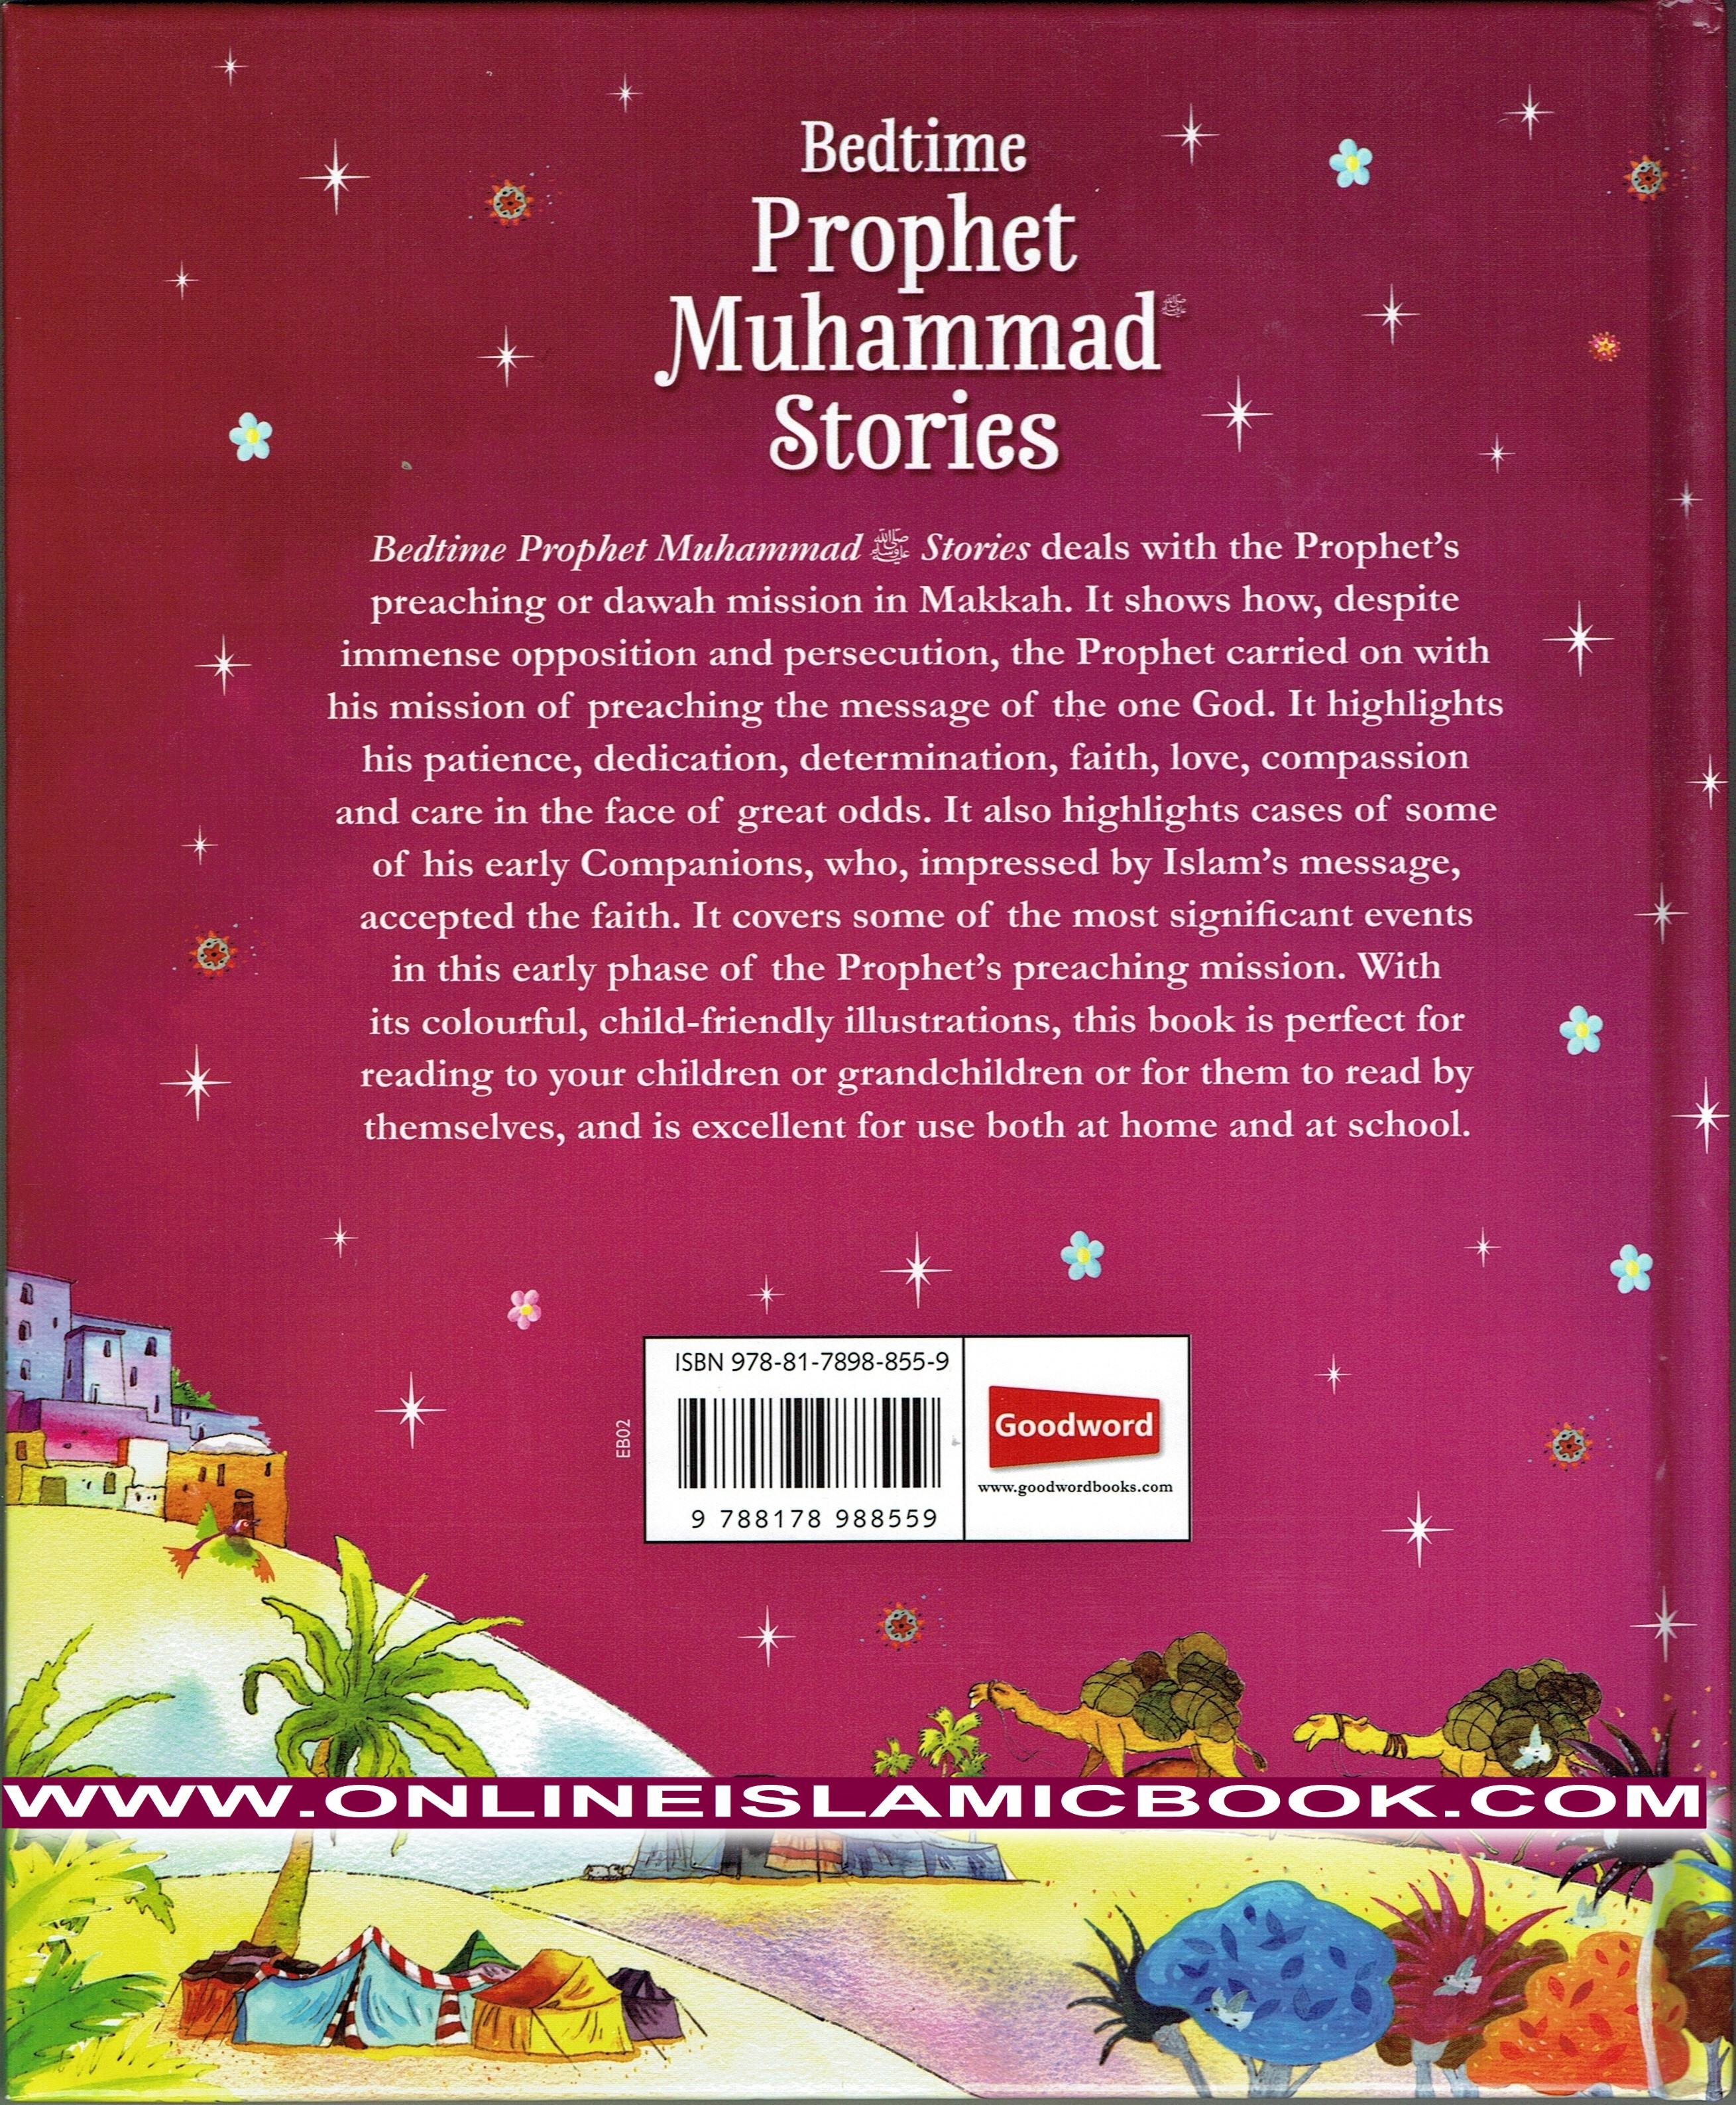 bedtime-prophet-muhammad-stories-2-.jpg